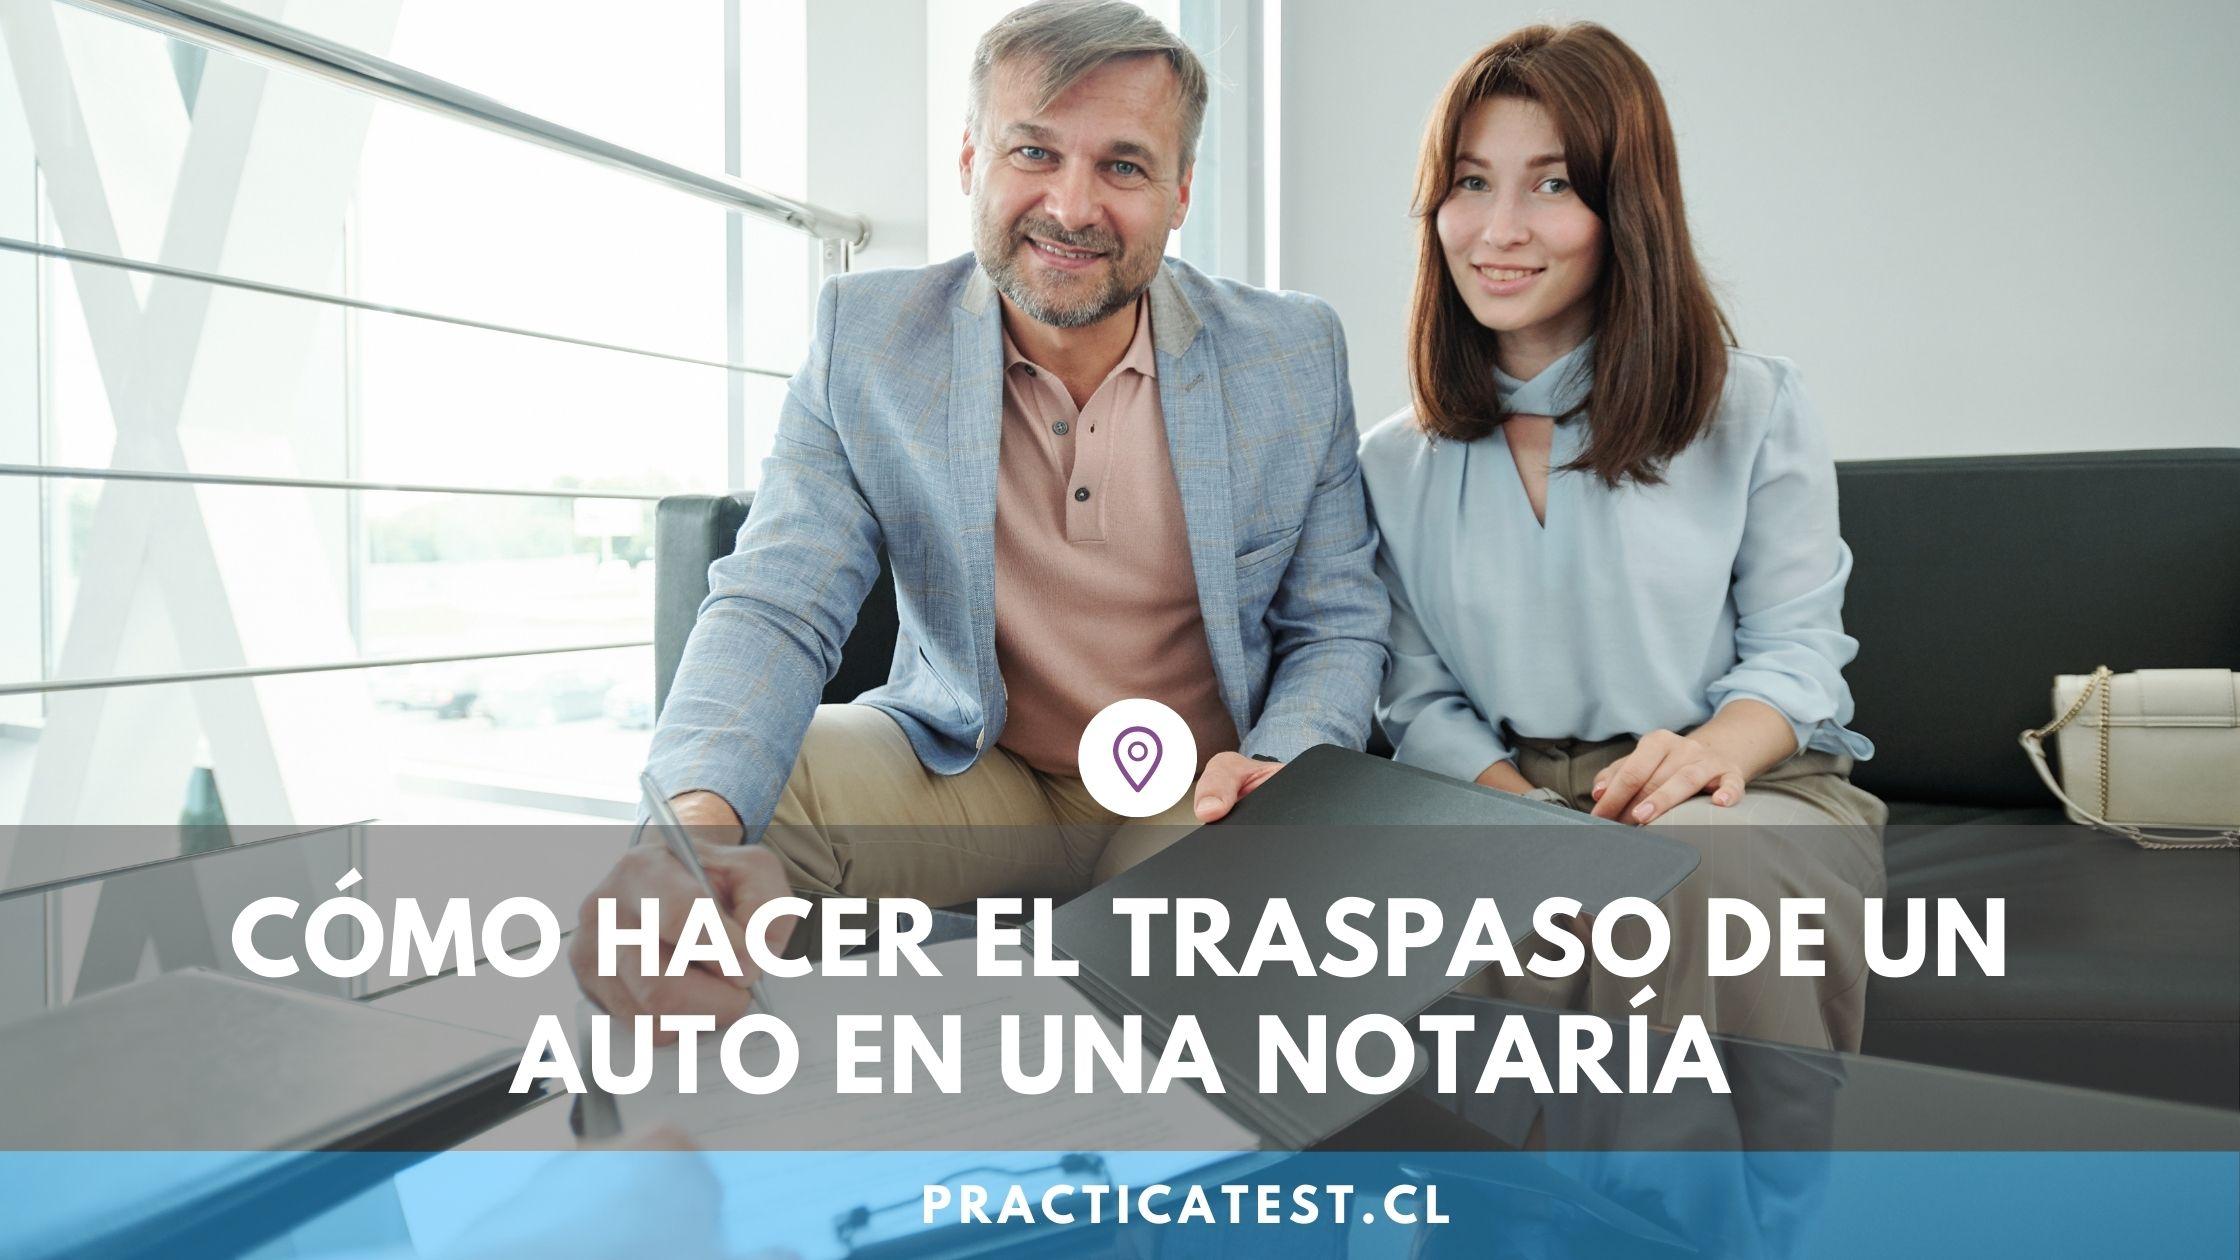 Cómo realizar el traspaso de un auto o motocicleta usada en una notaría de Chile